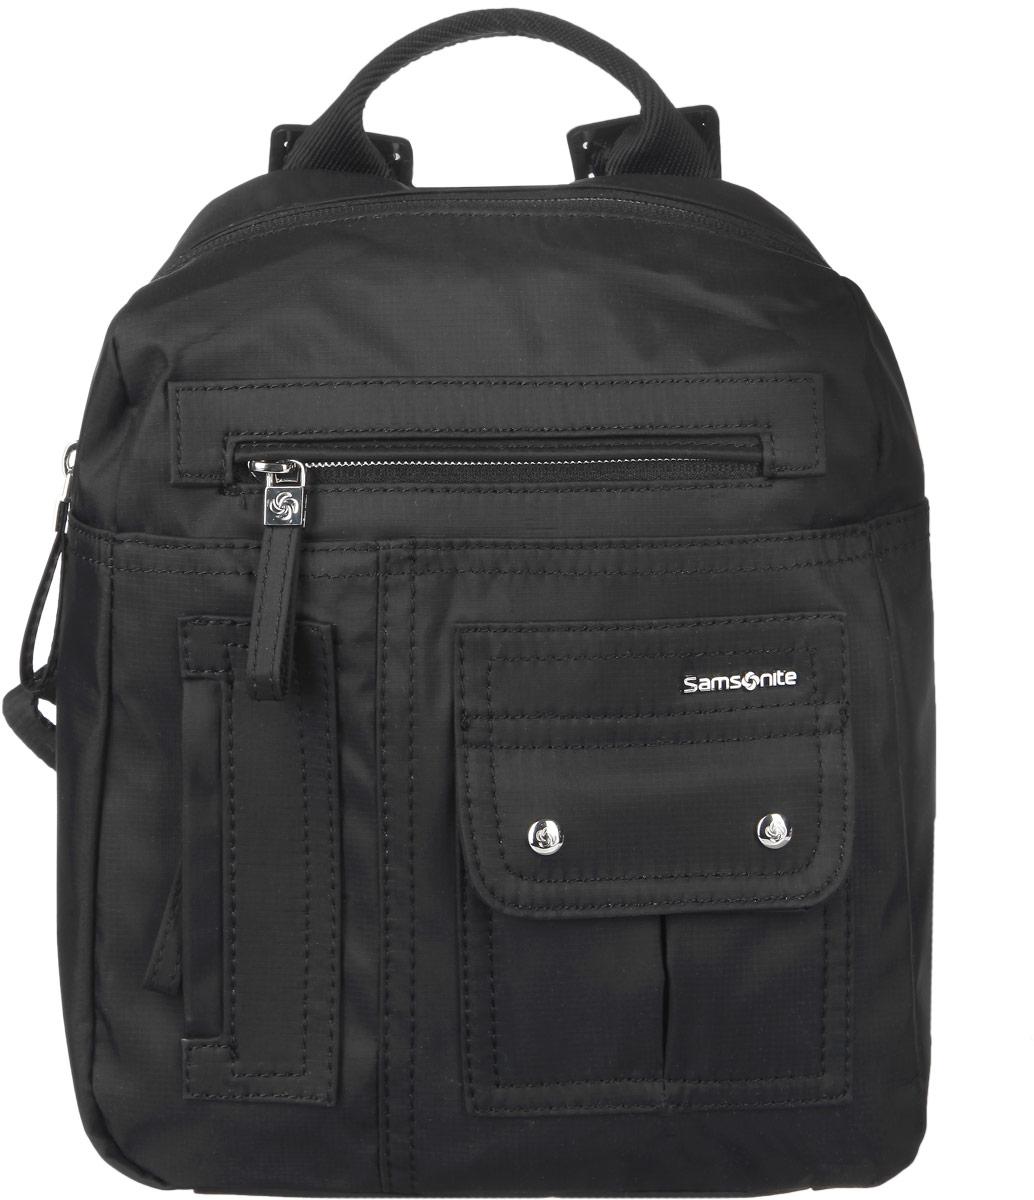 Рюкзак женский Samsonite, цвет: черный. 96V-0901496V-09014Стильный женский рюкзак Samsonite выполнен из полиамида, оформлен металлической фурнитурой c символикой бренда. Изделие содержит одно отделение, закрывающееся на застежку-молнию. Внутри рюкзака расположены два накладных кармашка и врезной карман на застежке-молнии. На лицевой стороне рюкзака расположены: накладной карман, закрывающийся клапаном на магниты, врезной кармашек на застежке-молнии и потайной кармашек на молнии. Задняя сторона изделия дополнена вместительным накладным карманом на застежке-липучке. Изделие оснащено двумя широкими плечевыми лямками регулируемой длины и петлей для подвешивания. Практичный аксессуар позволит вам завершить образ и быть неотразимой.